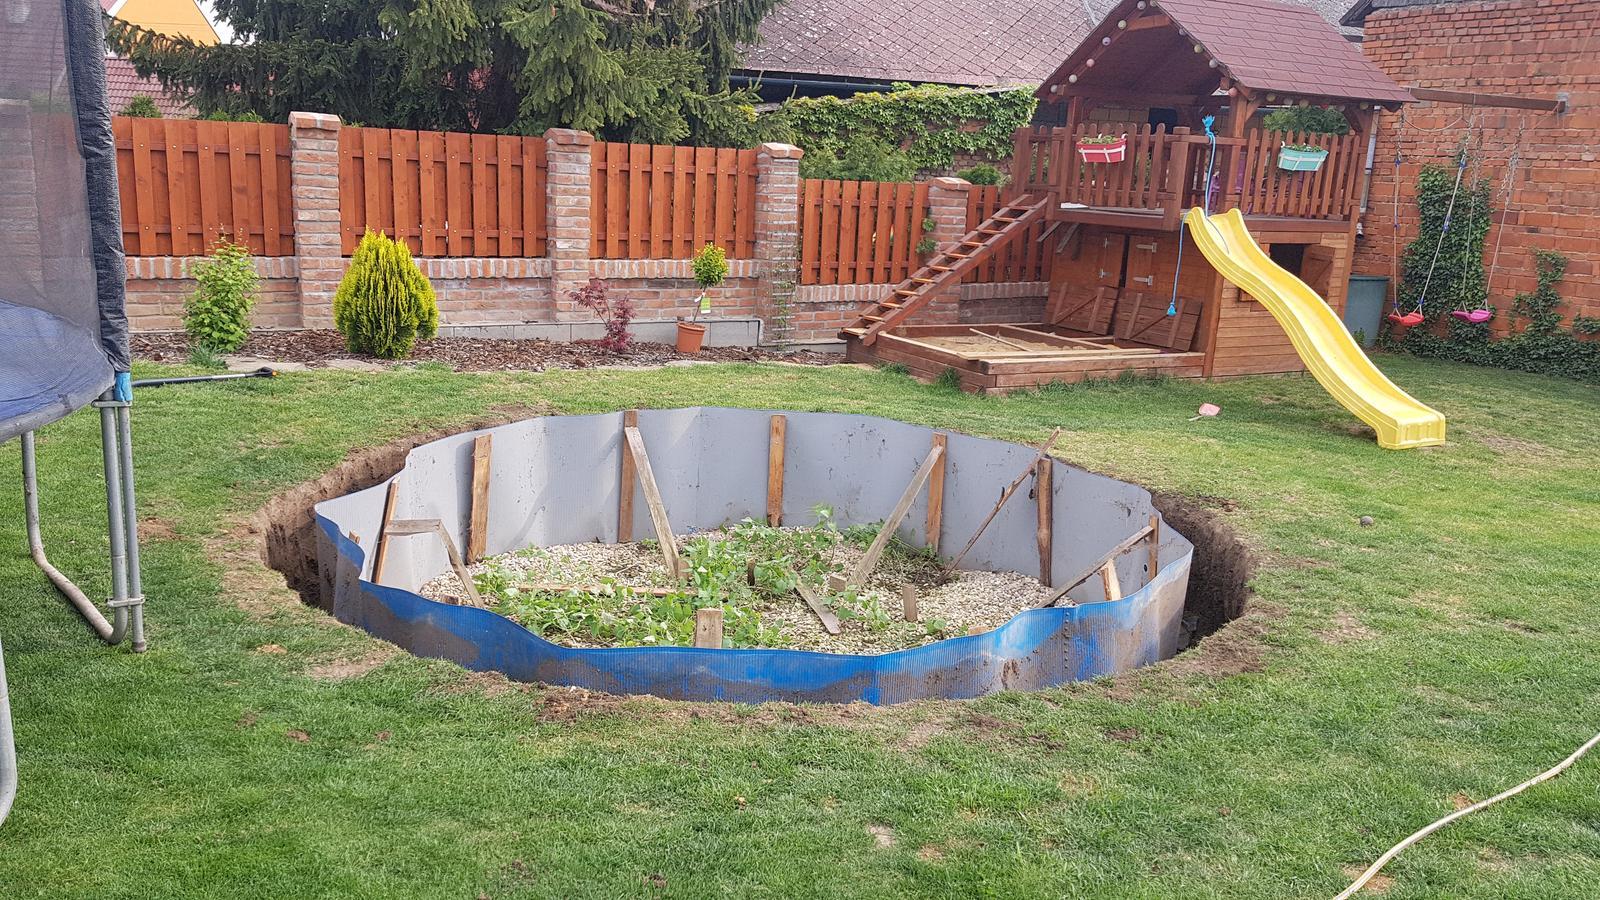 Tak jde čas aneb jak si stavíme sen :-) - Renovace trampolíny začíná